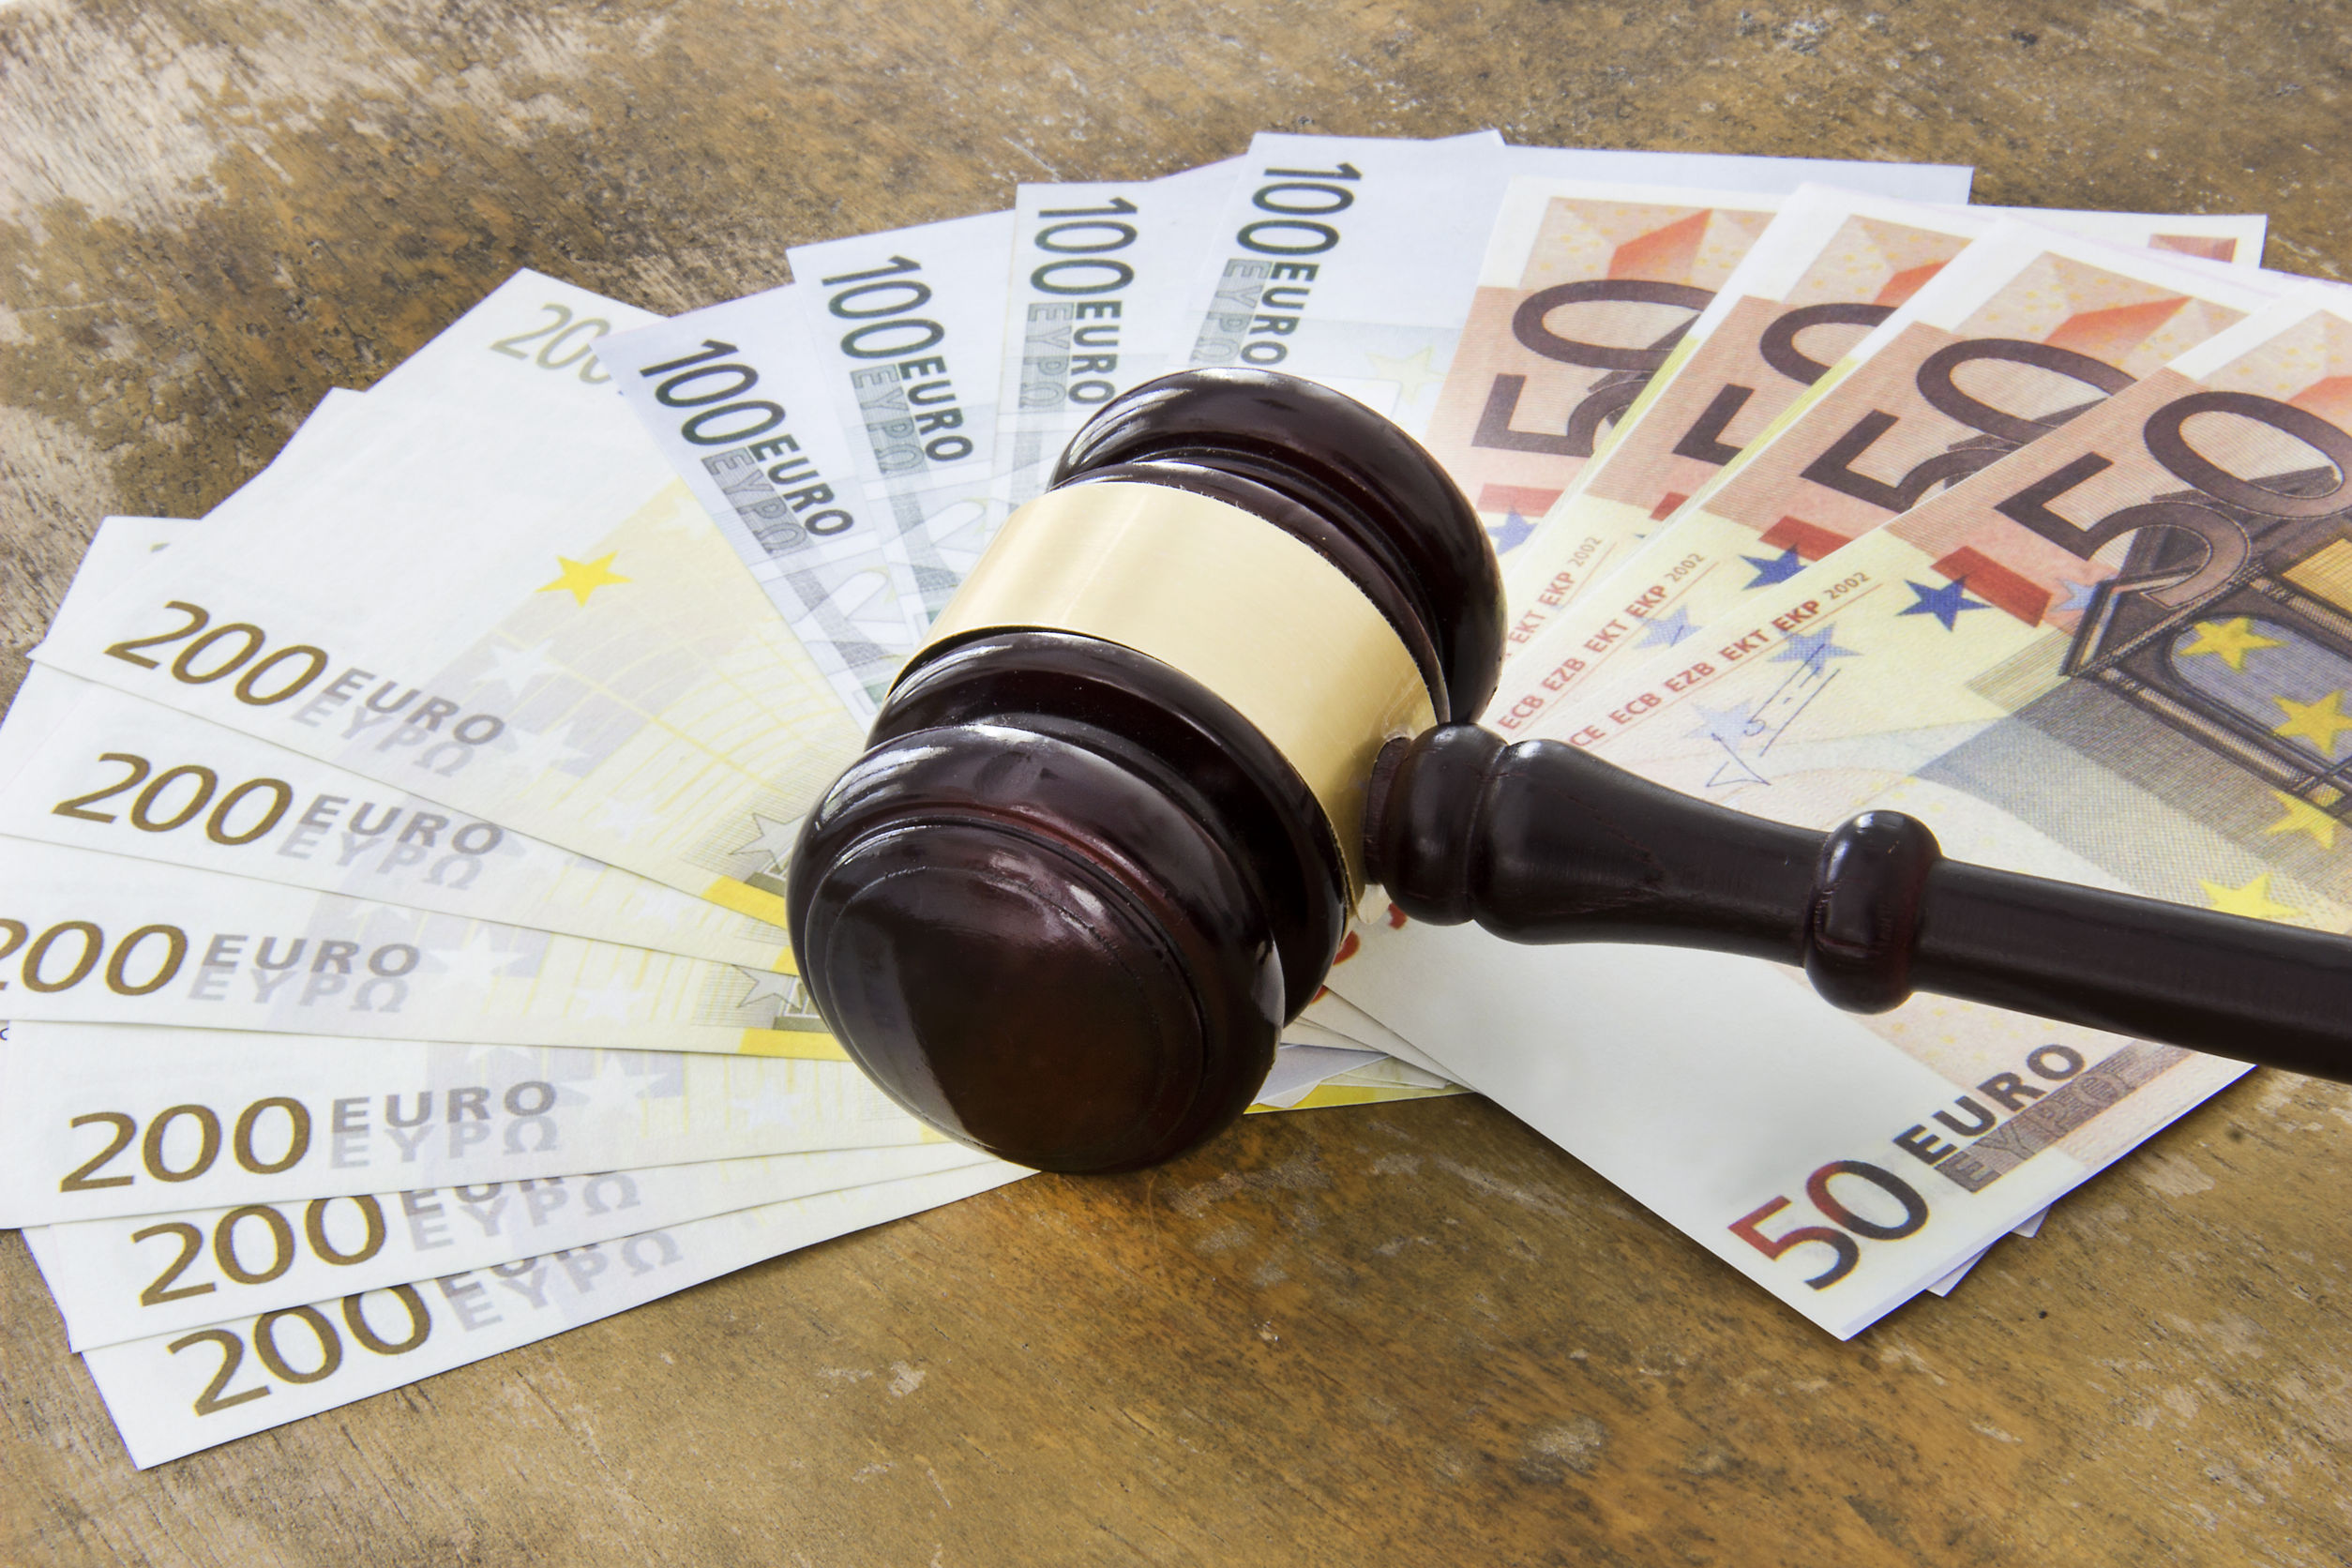 Billijke vergoeding vanwege ontslag langdurig arbeidsongeschikte werknemer